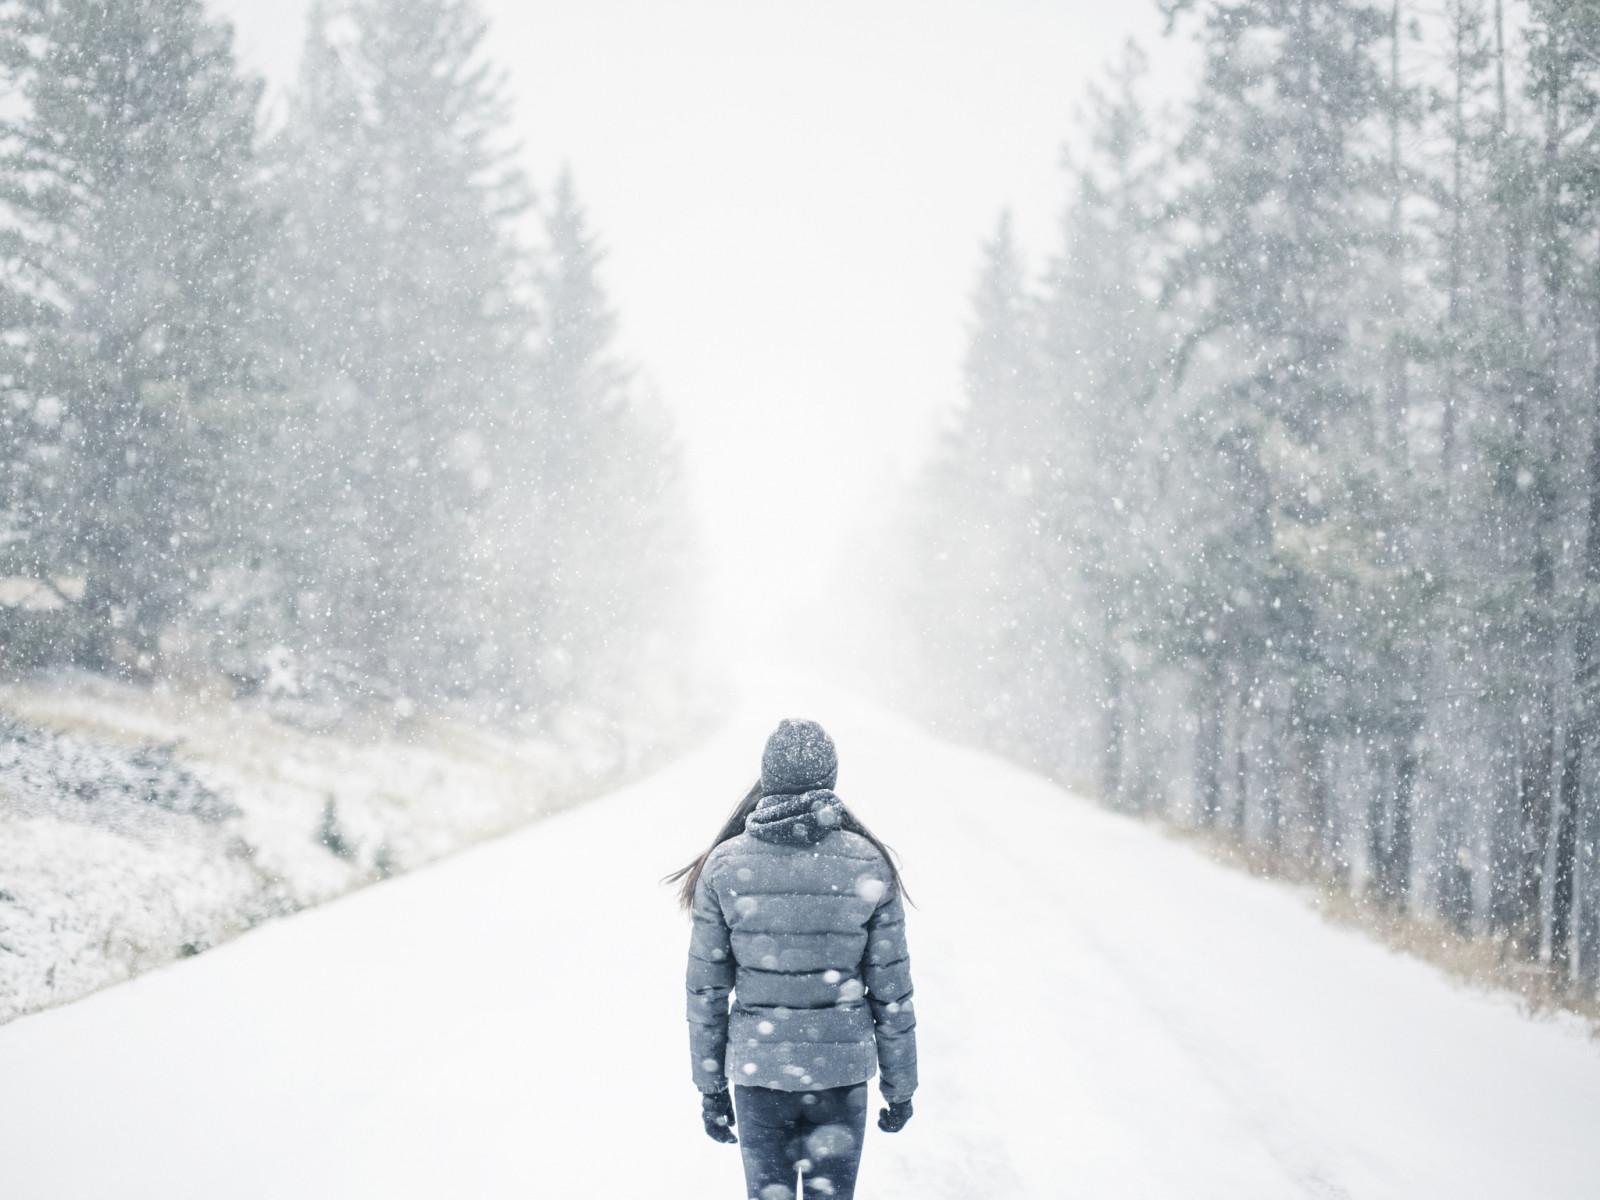 боится загрязнений, картинка одиночество снег будет состоять шести